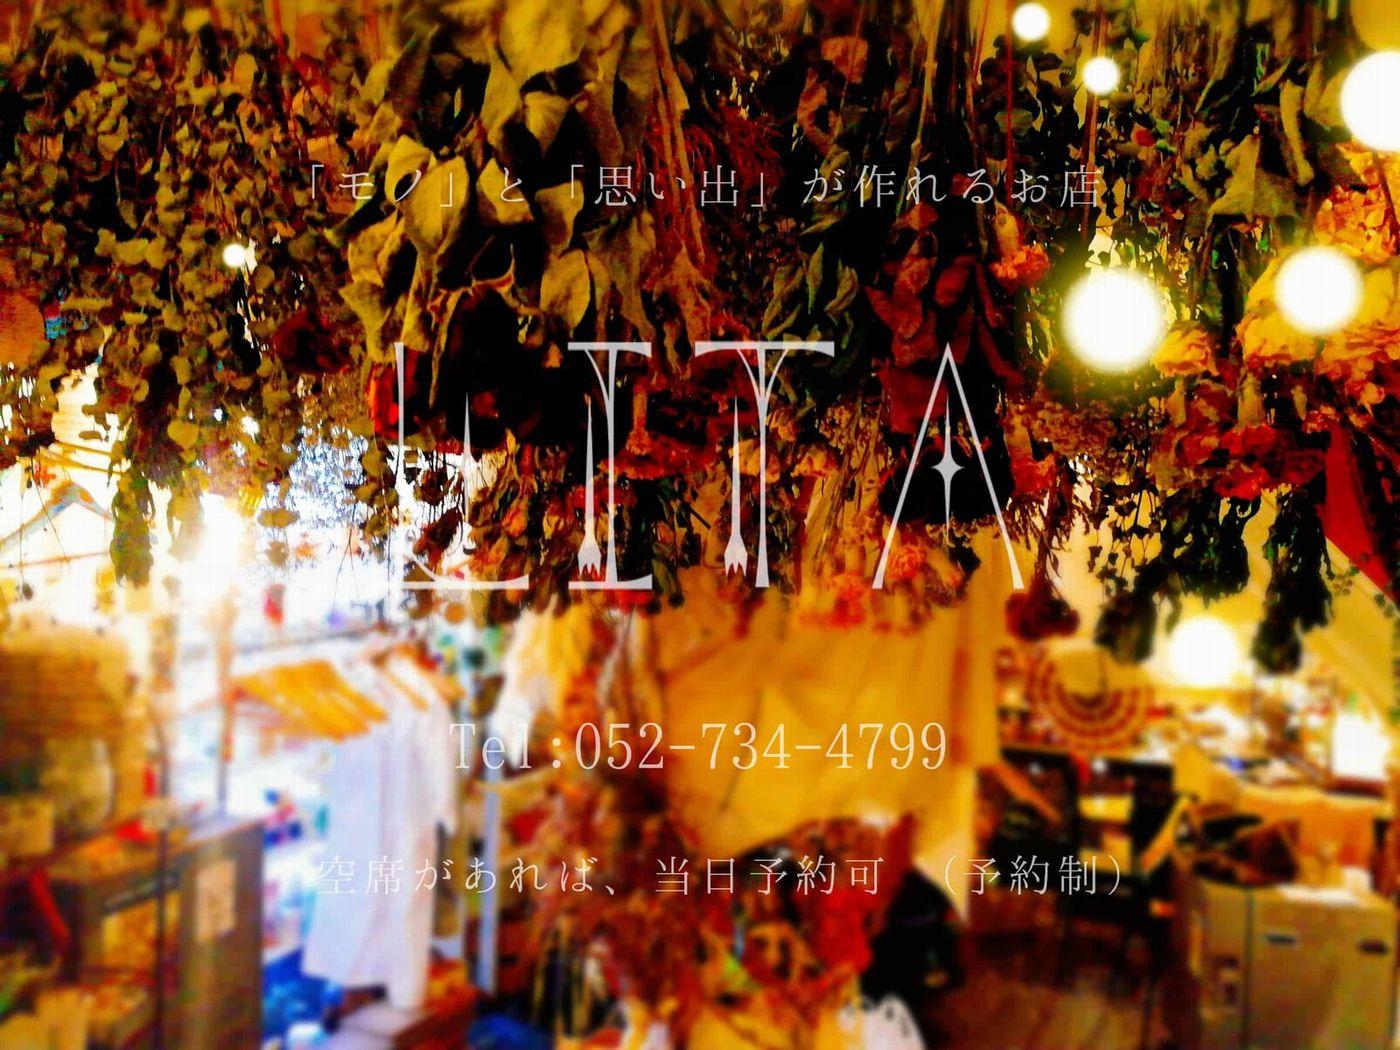 【名古屋・手作り 体験】ワークショップ・観光やデートにLITA